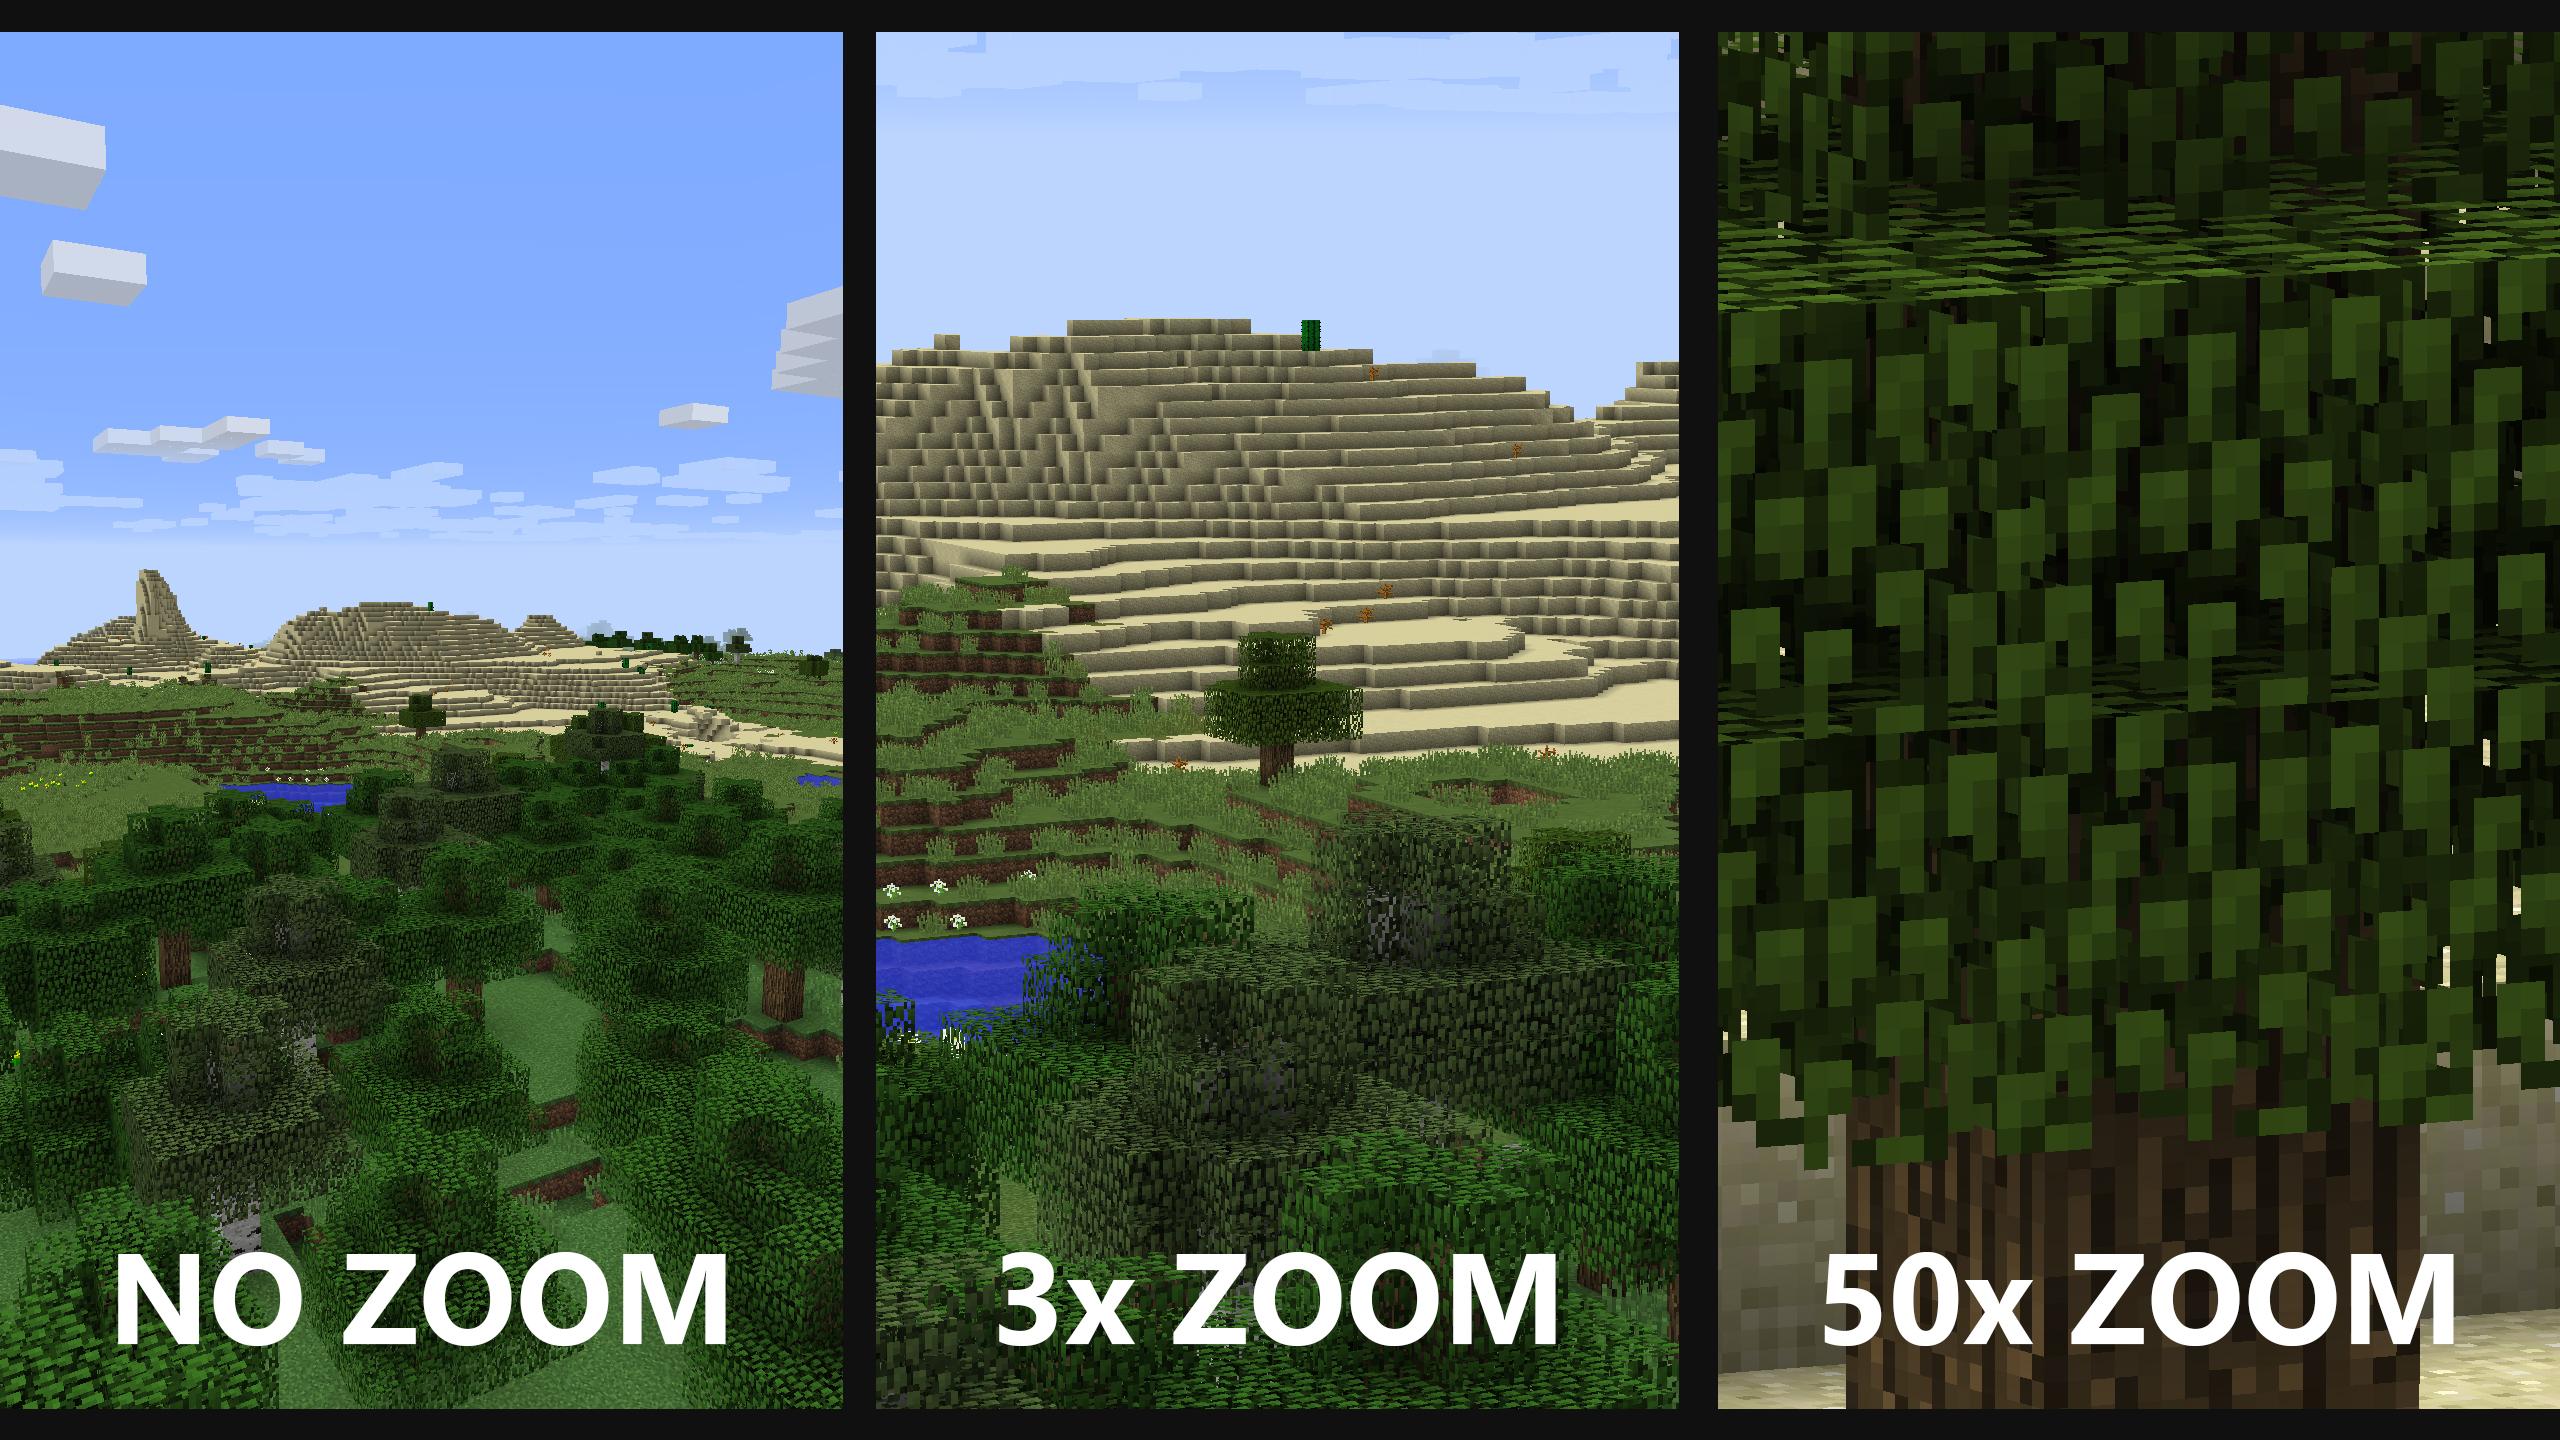 zoom comparison